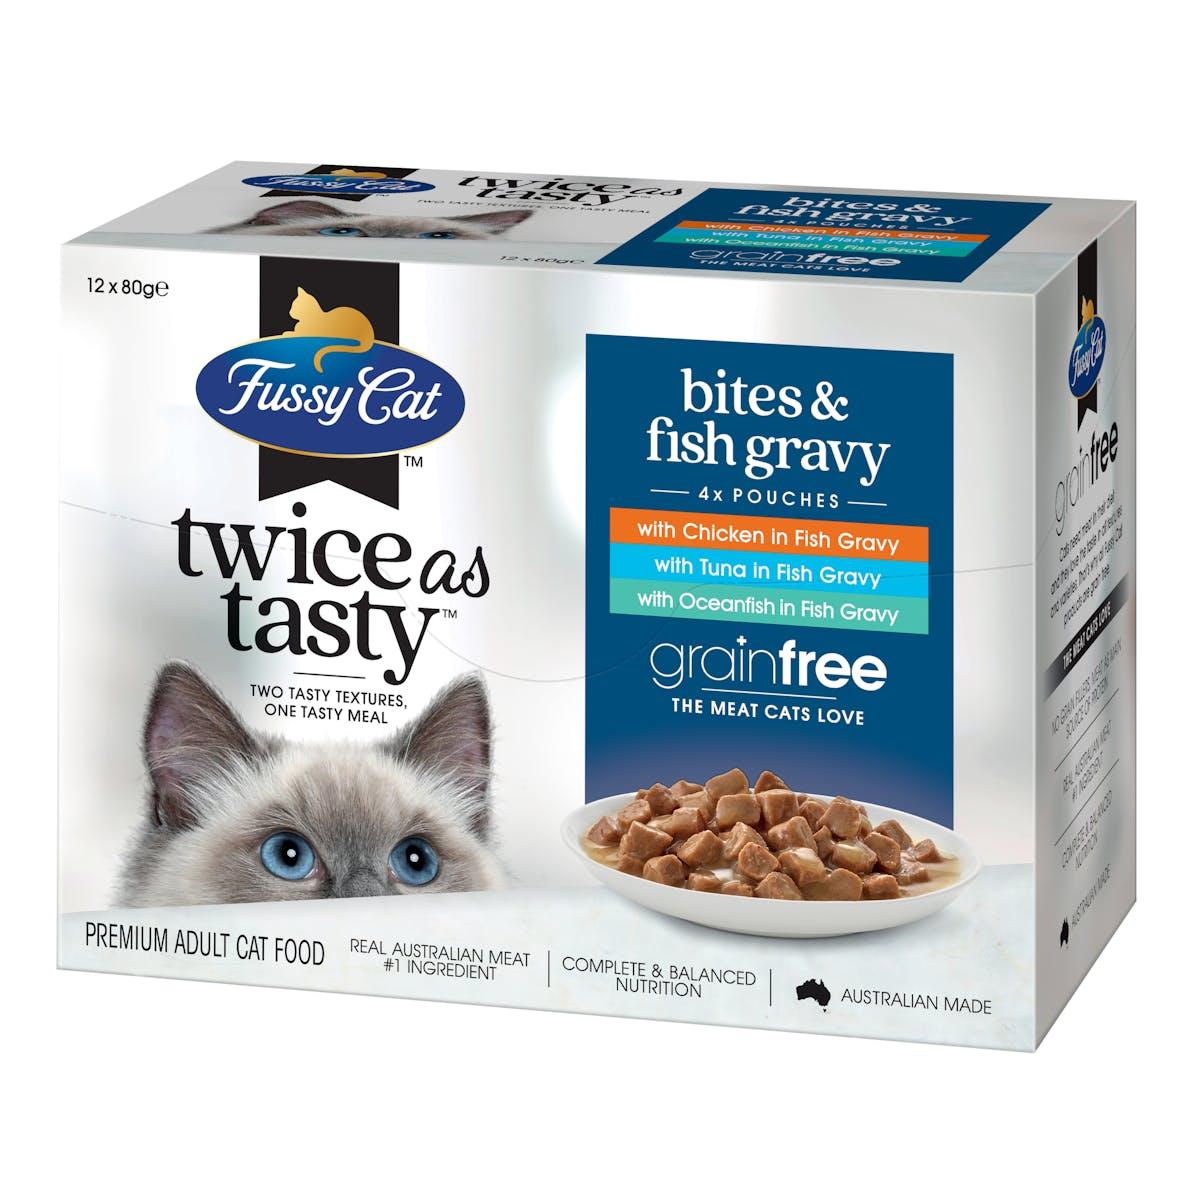 Fussy Cat   Bites & Fish Gravy   Wet Cat Food   Left of pack